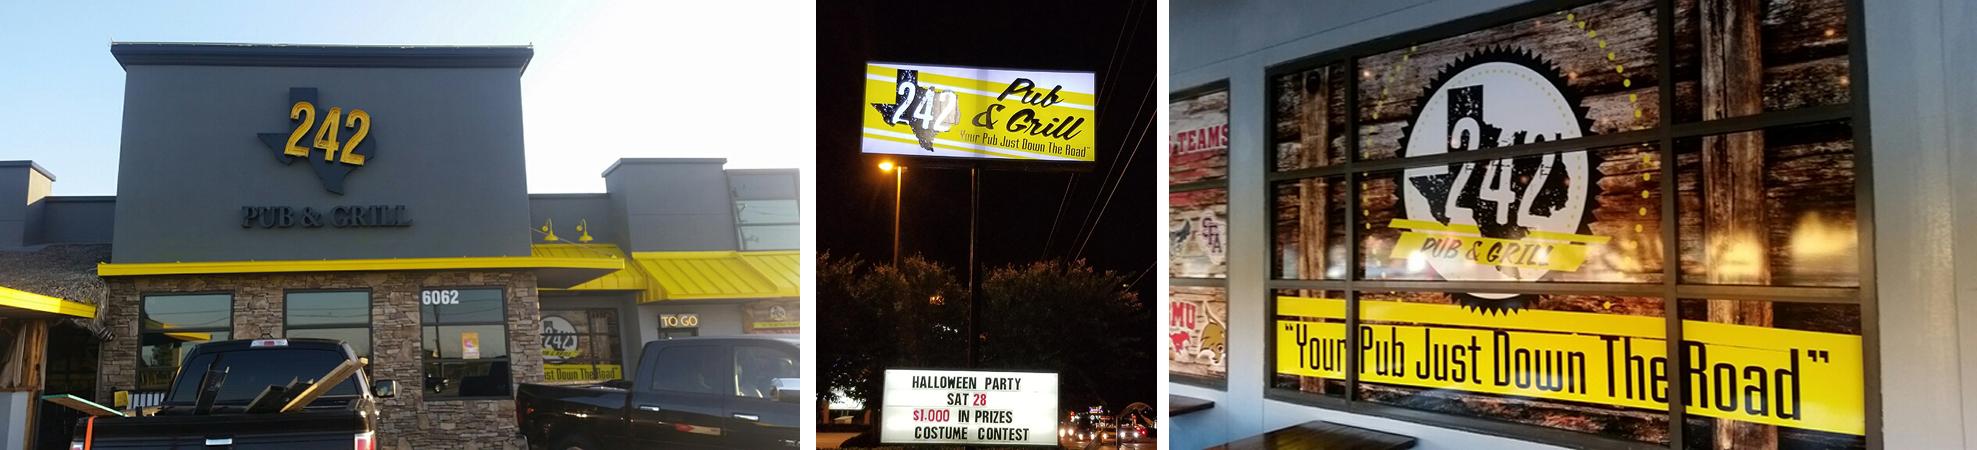 326_242 Pub & Grill (2)